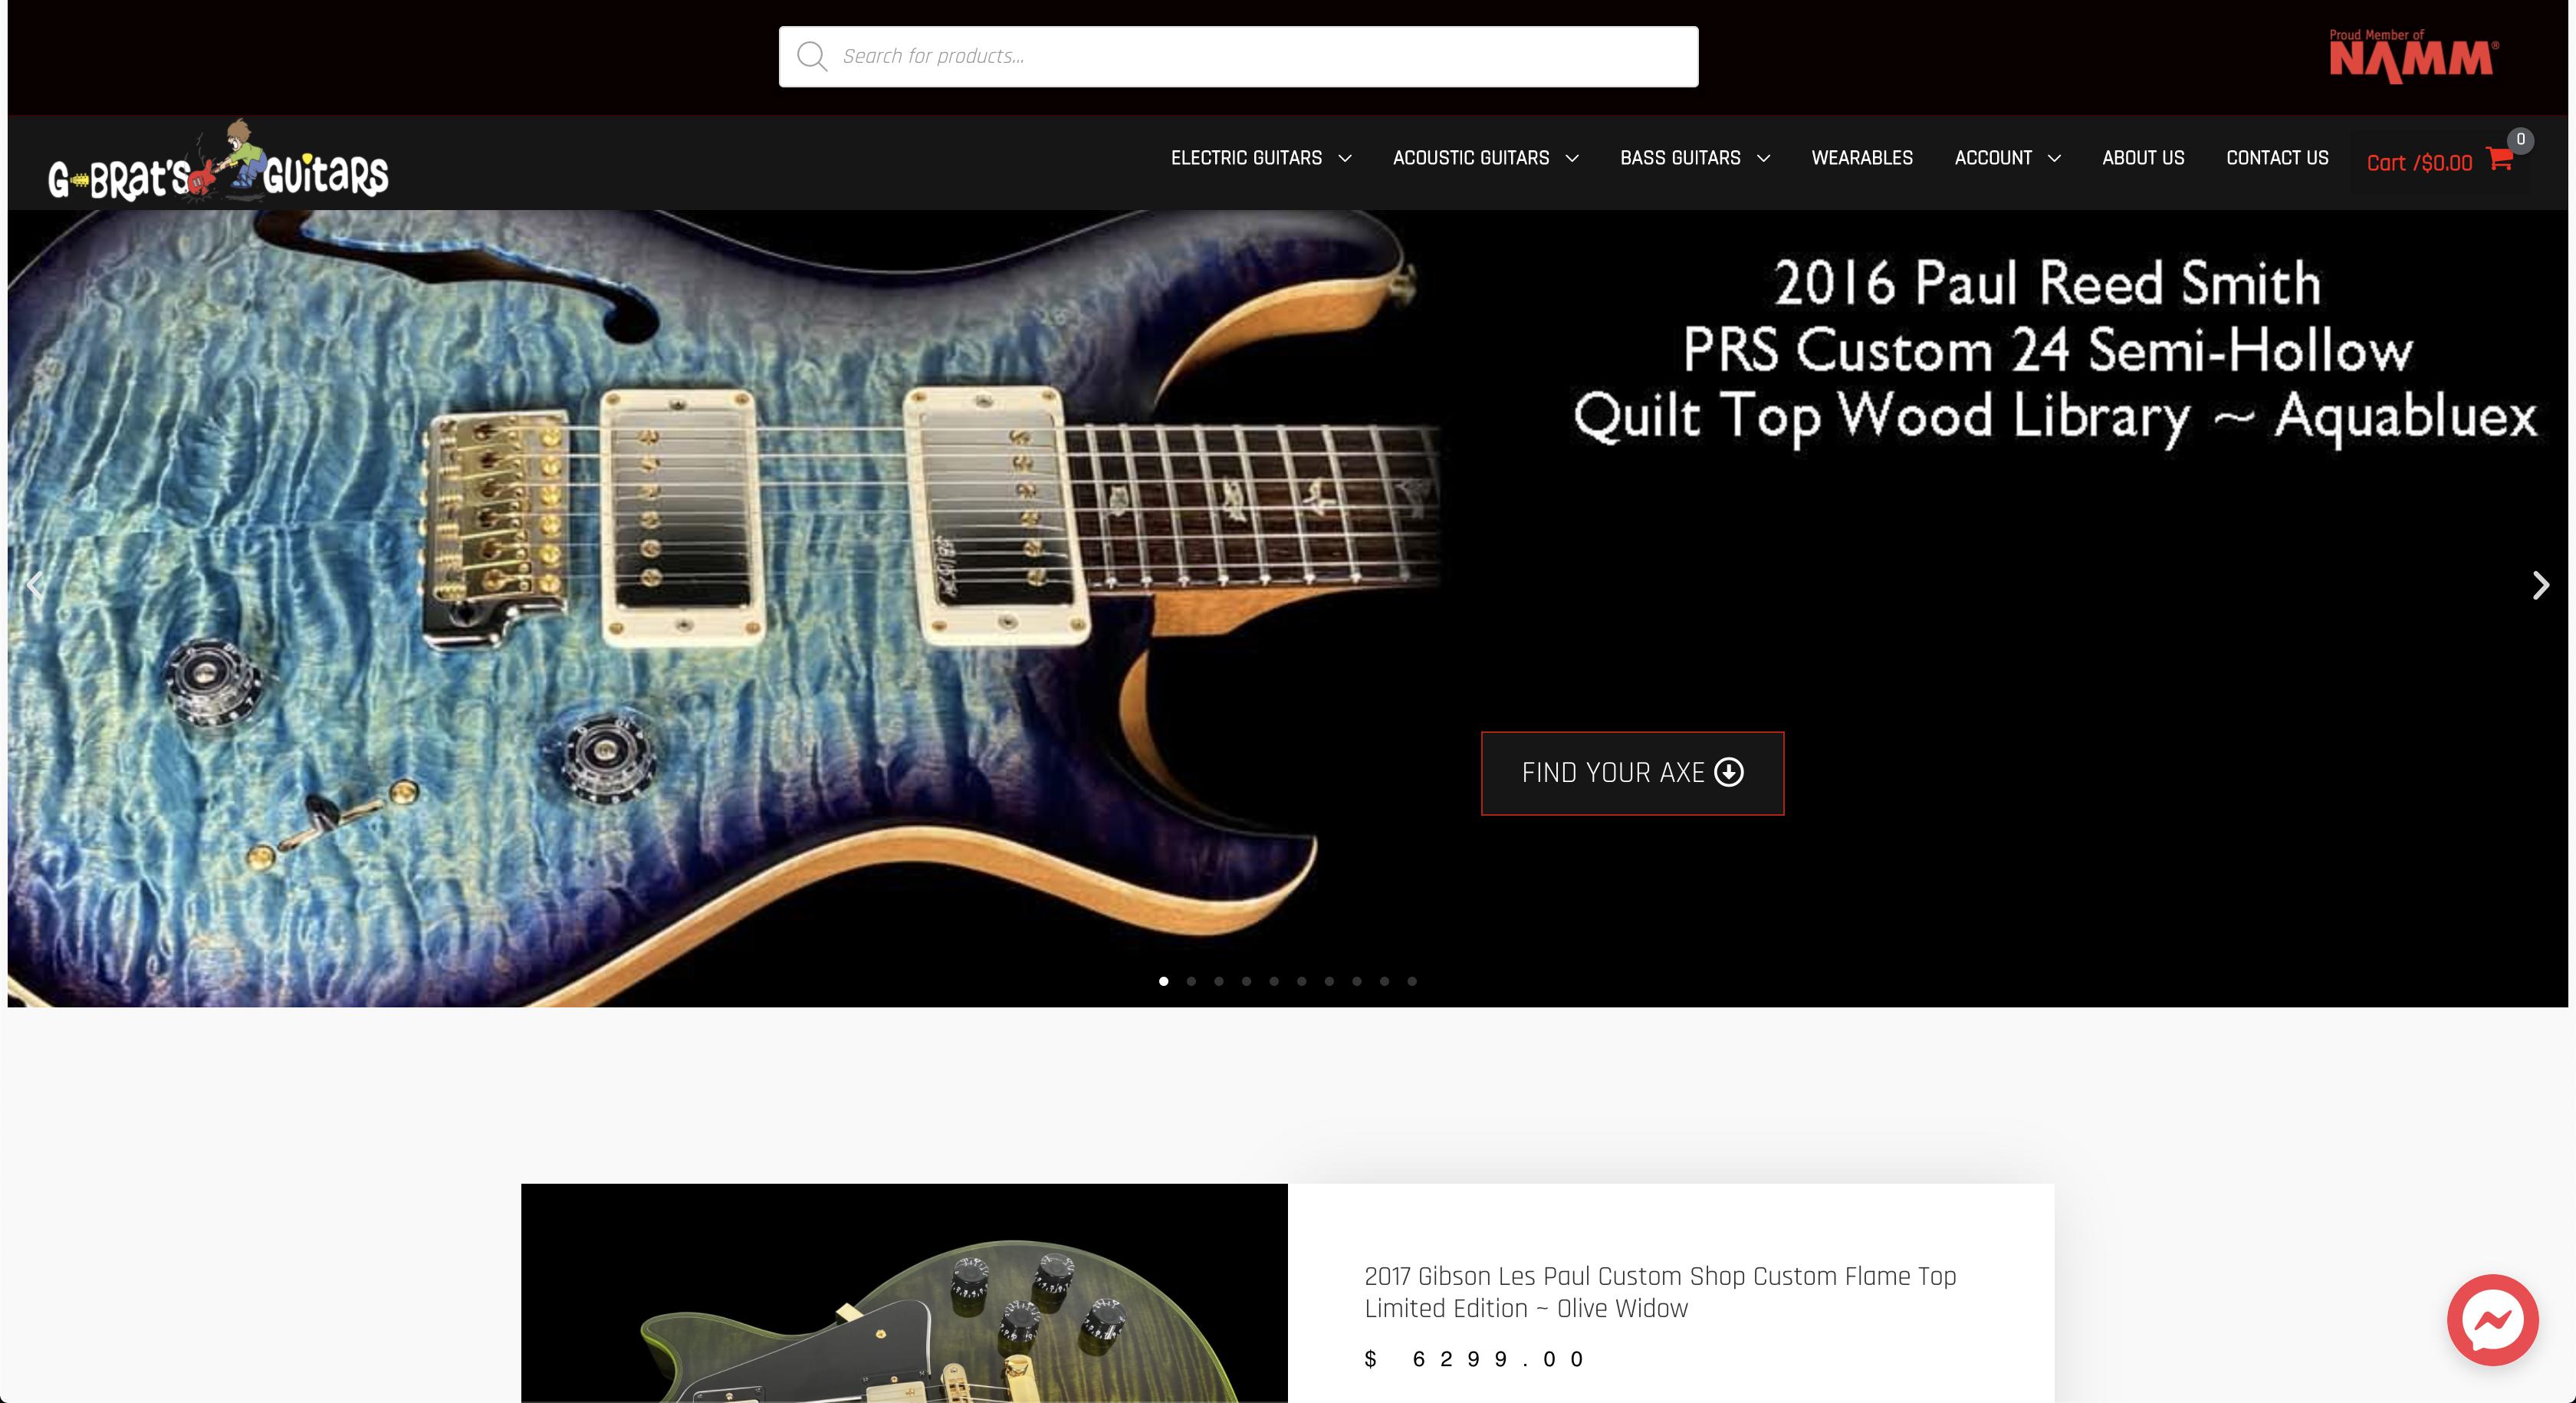 gbrats guitars